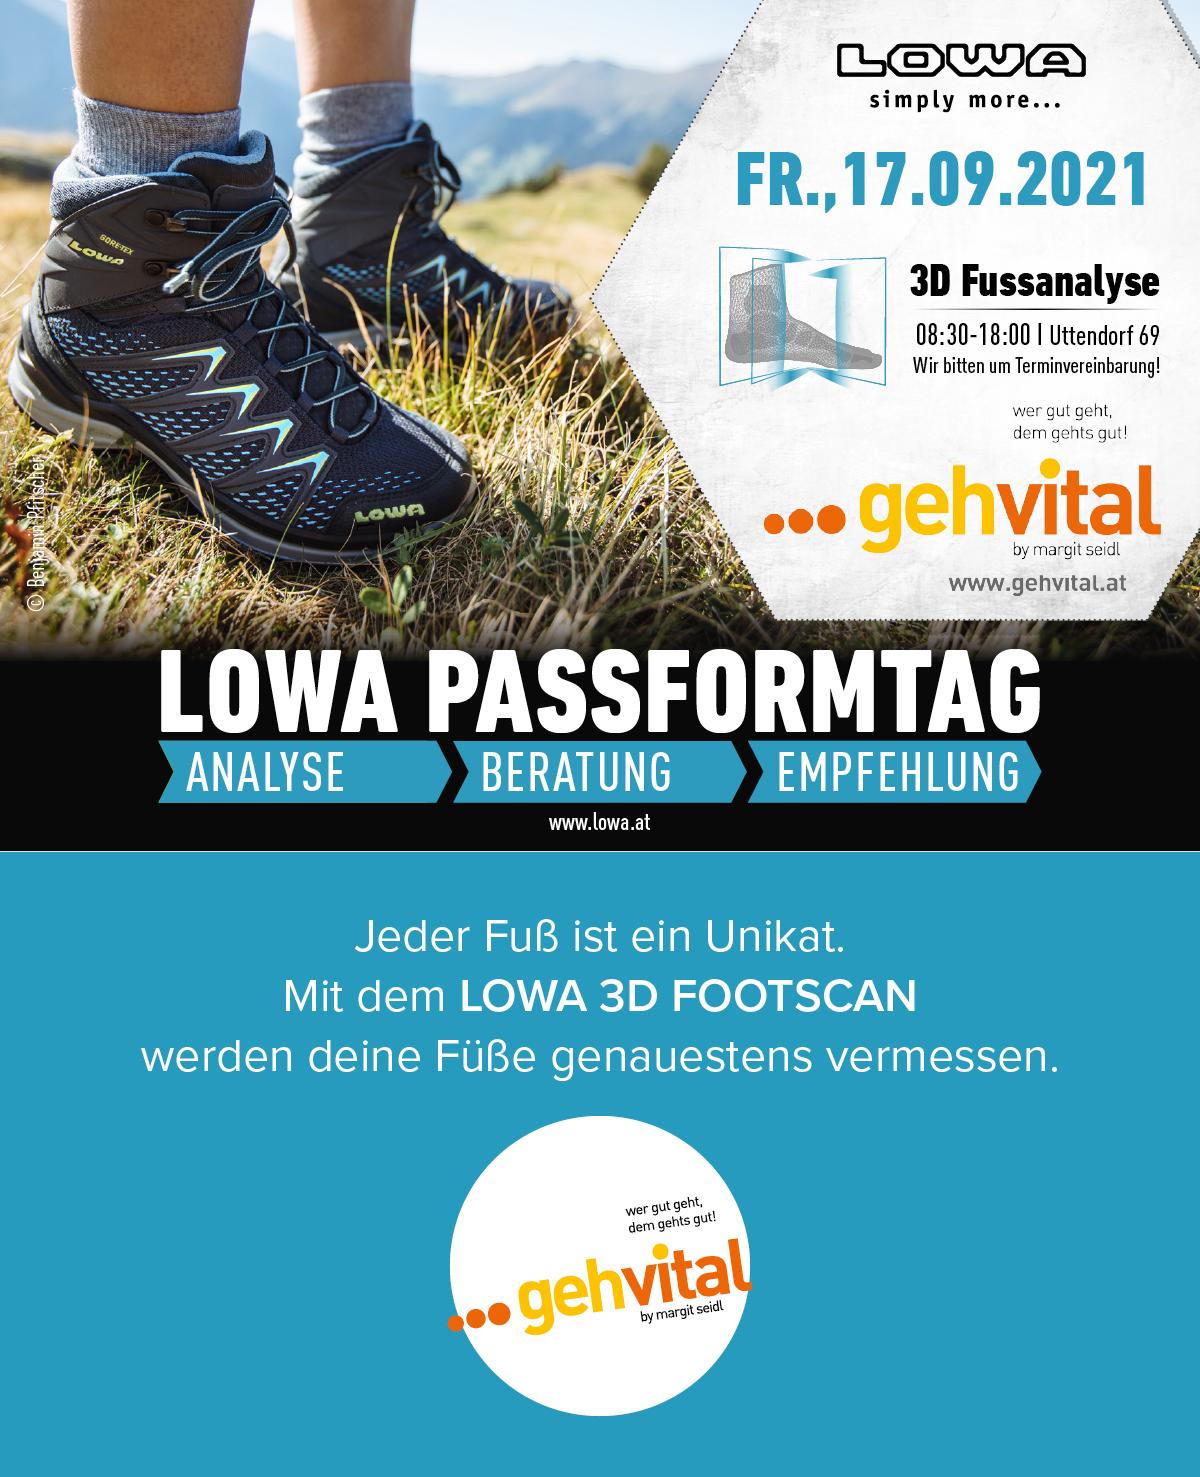 Die LOWA Passformanalyse